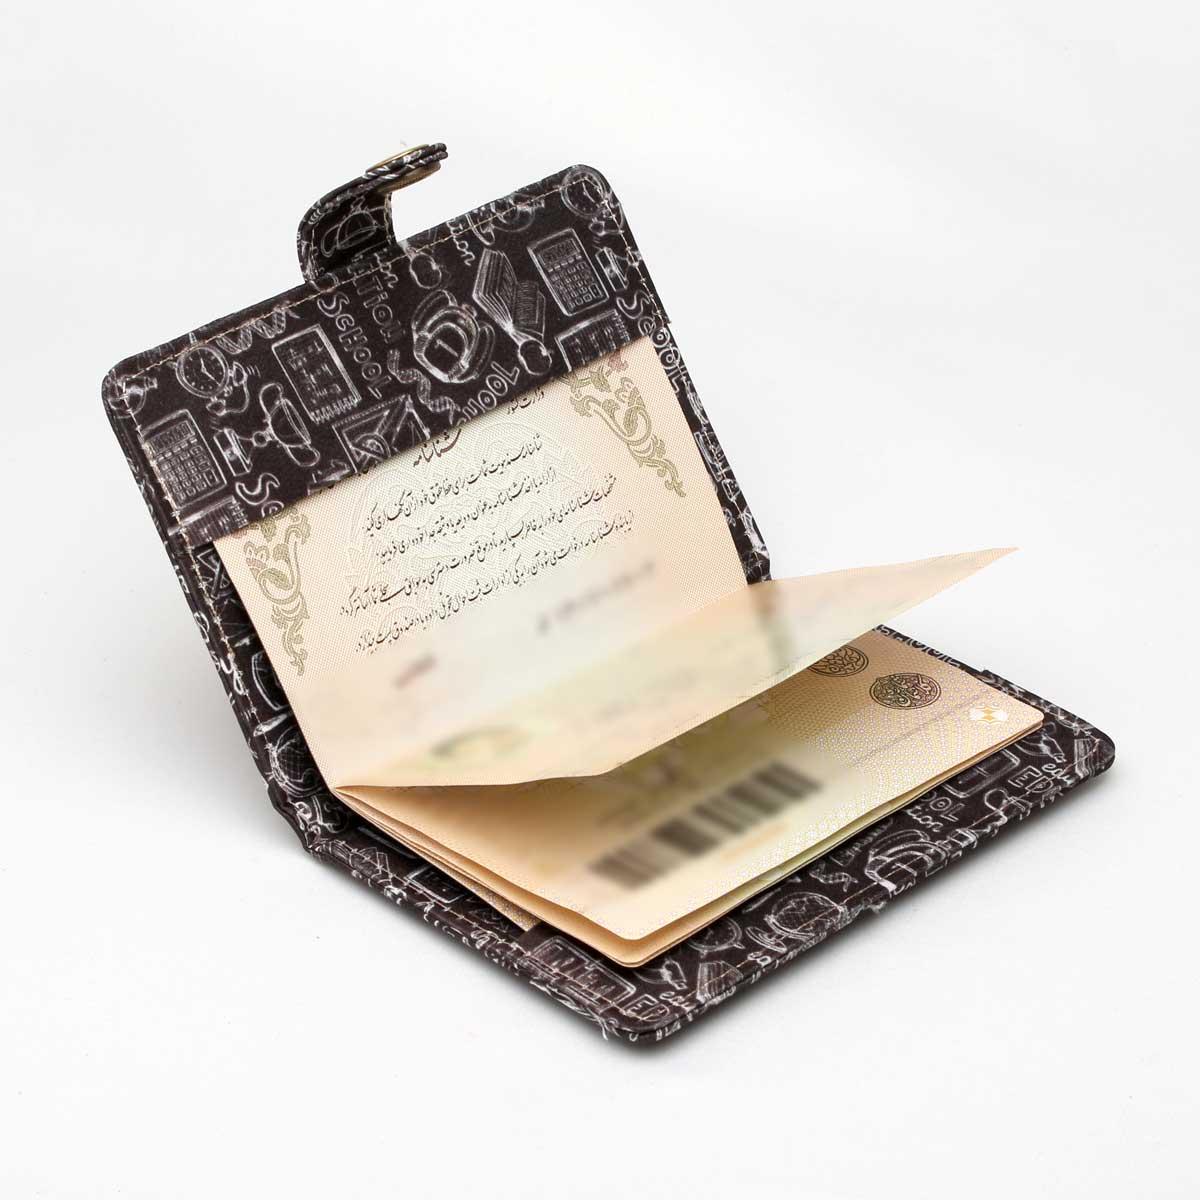 جلد شناسنامه و گذرنامه دکمه دار jsh44